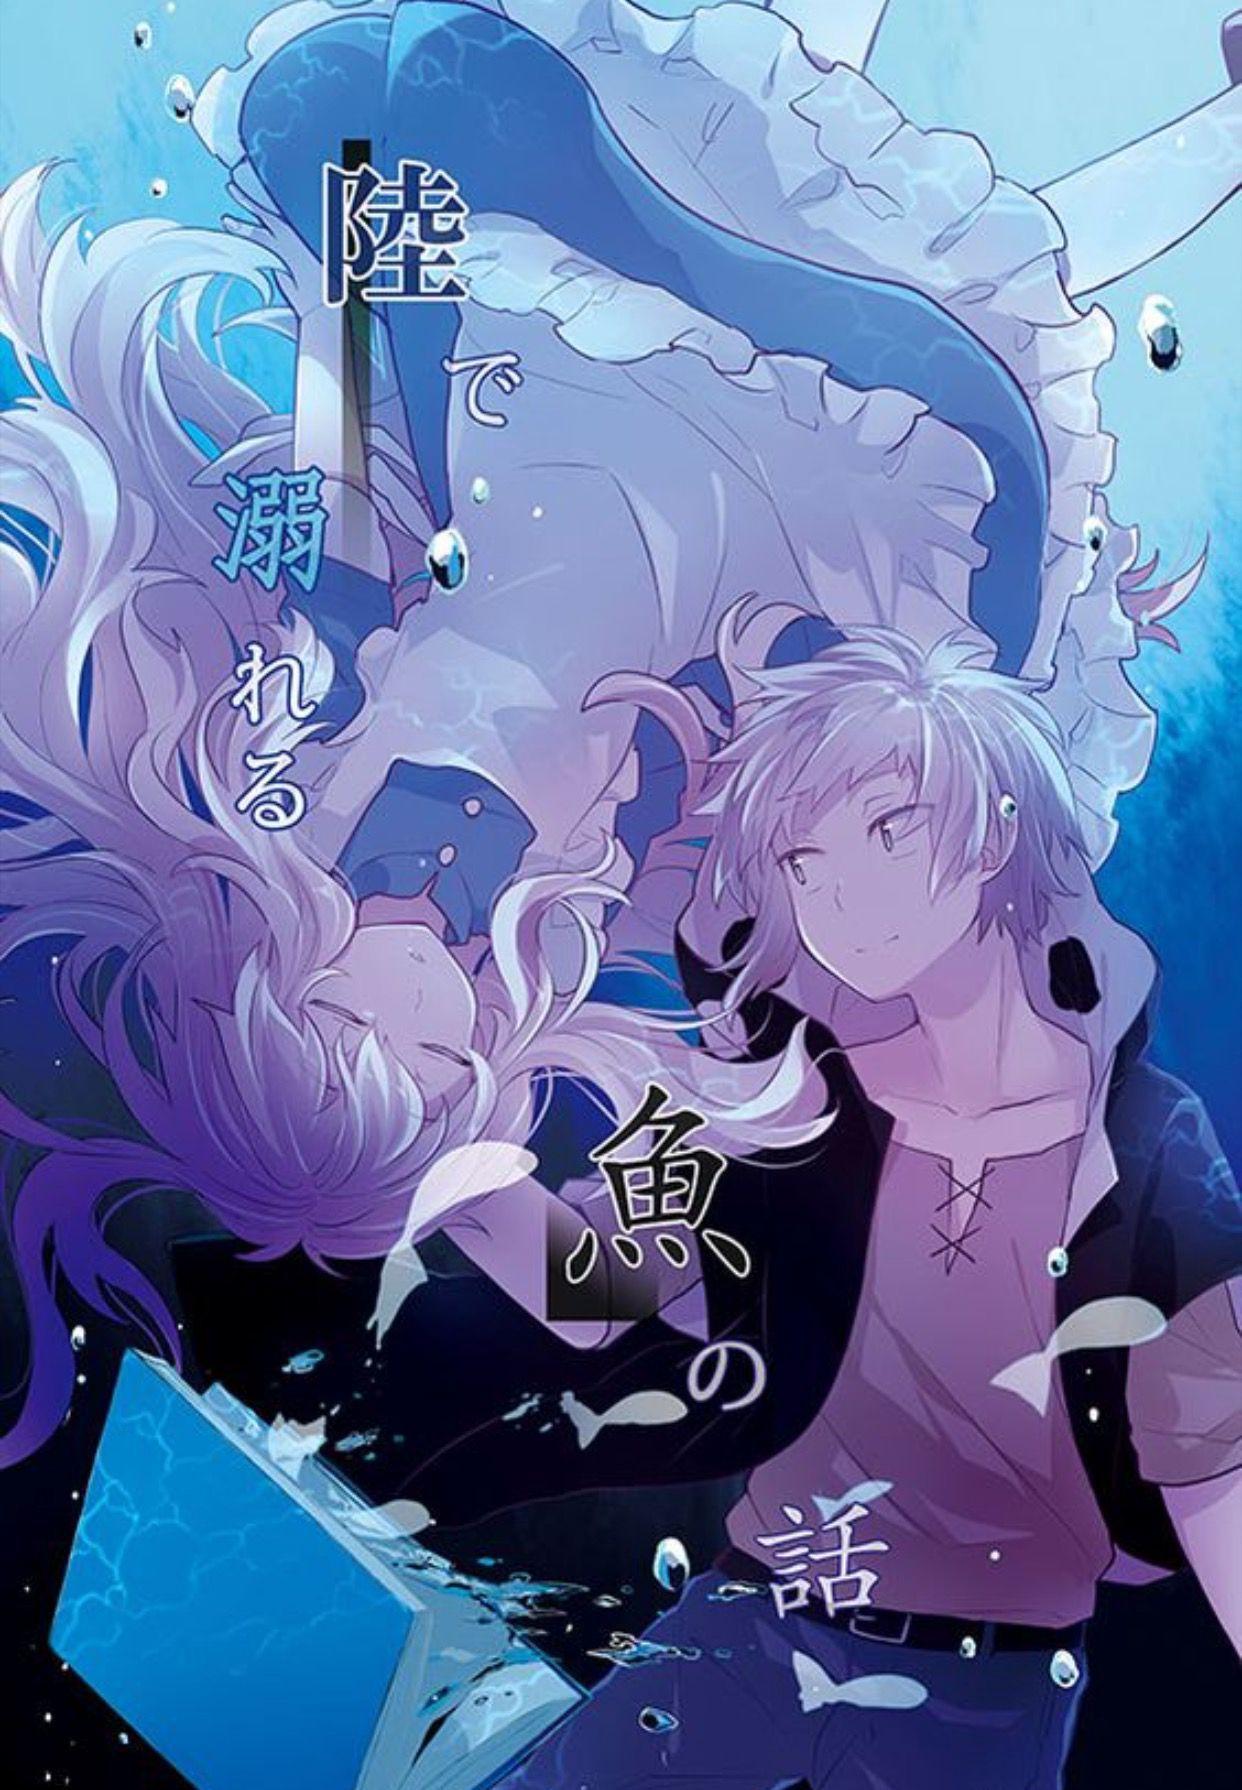 CANCELADA [Kido x Kano] Historia de un amor imposible (Caperucita y el Lobo)